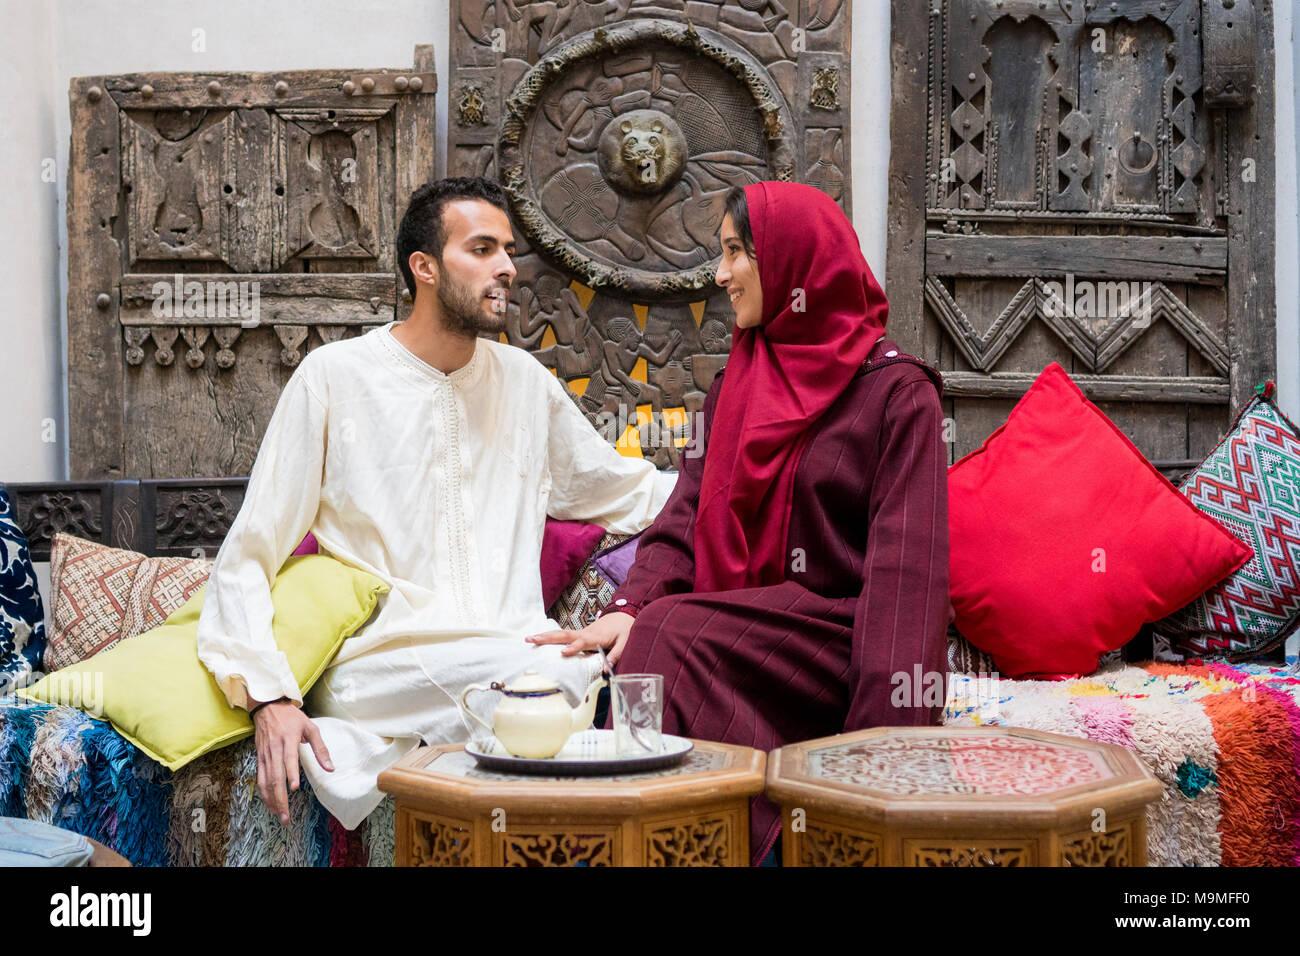 Joven pareja musulmana en relación hablando y sonriendo en casa tradicional marroquí Imagen De Stock